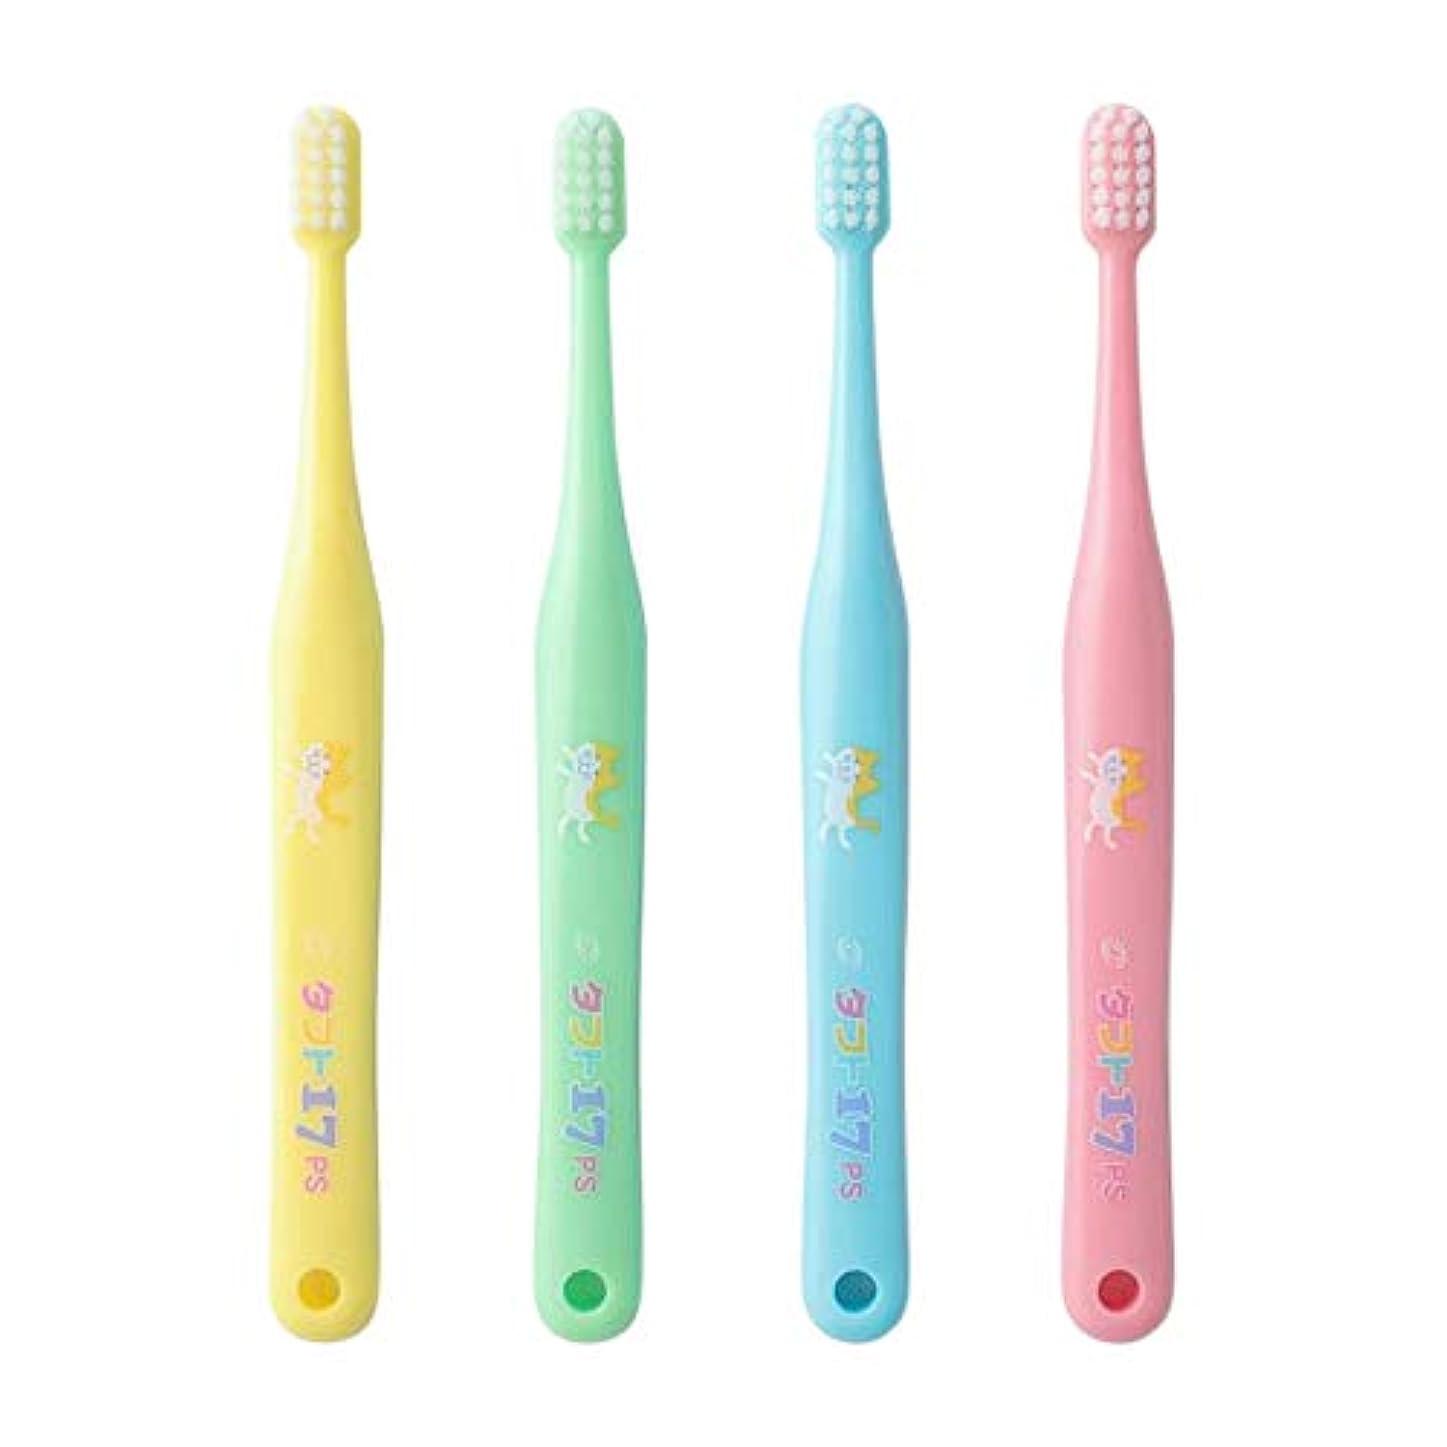 過ちポイントねばねばオーラルケア タフト17歯ブラシ (プレミアムソフト) ×10本